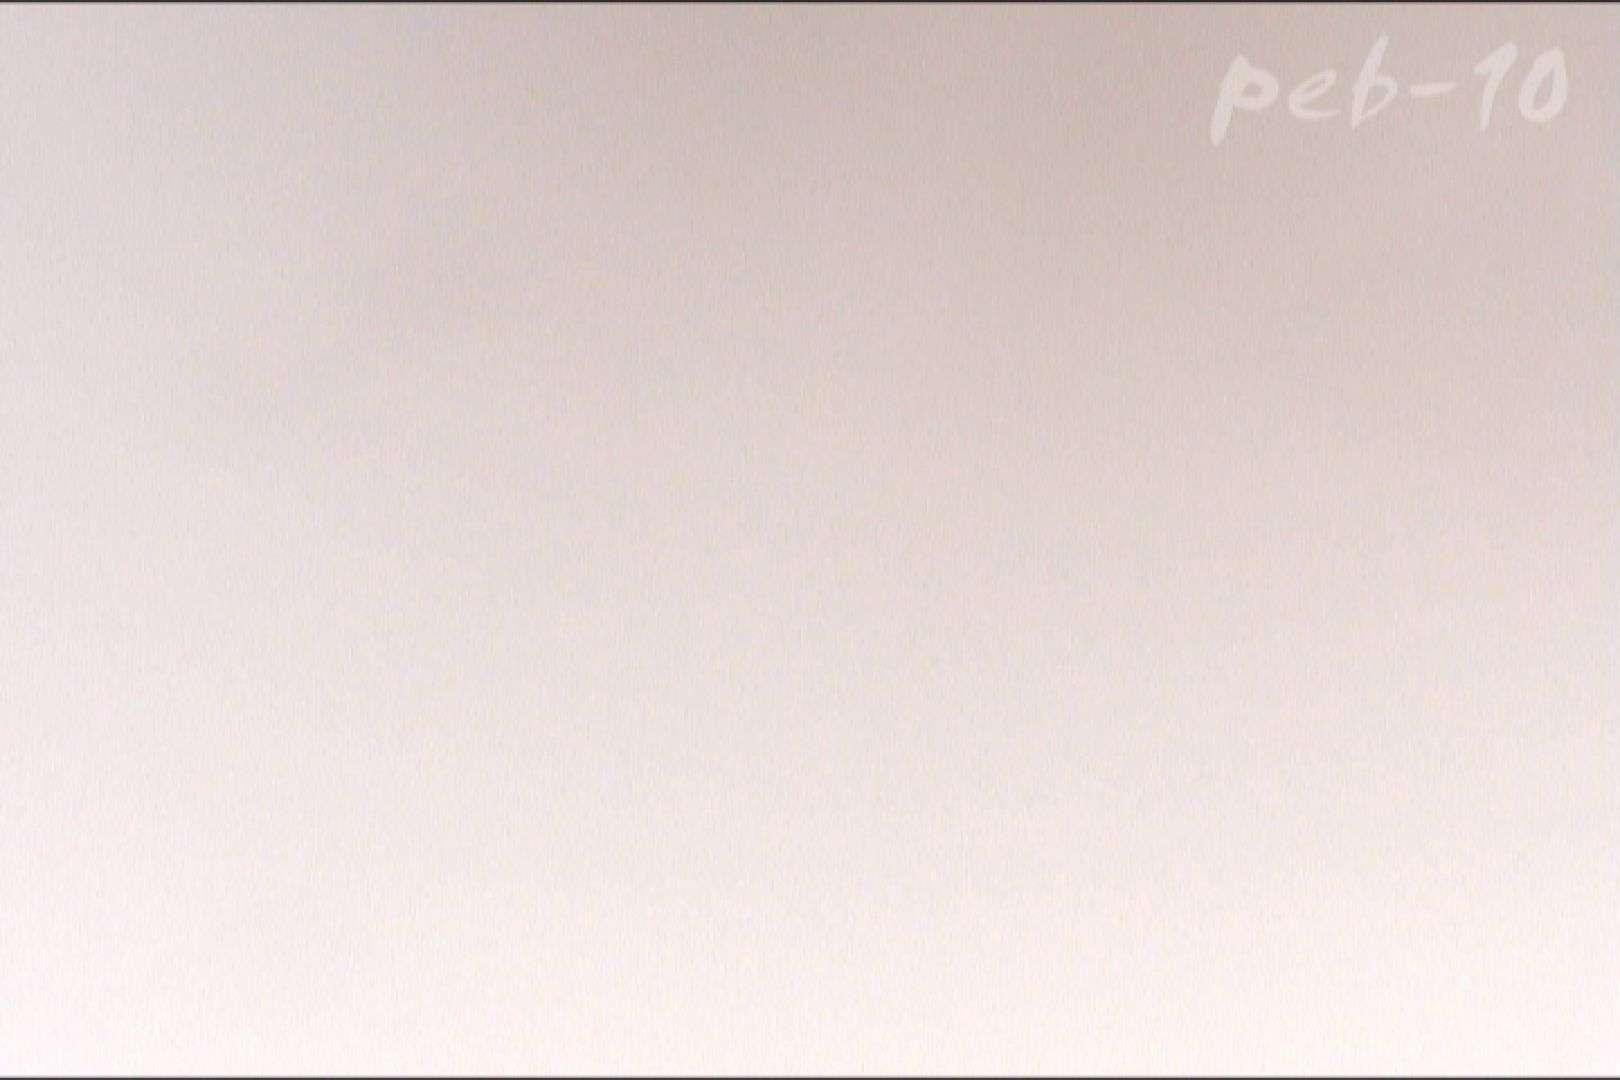 期間限定 マンコ丸見え!体育館潜入撮File010 丸見え 盗み撮りAV無料動画キャプチャ 96pic 87